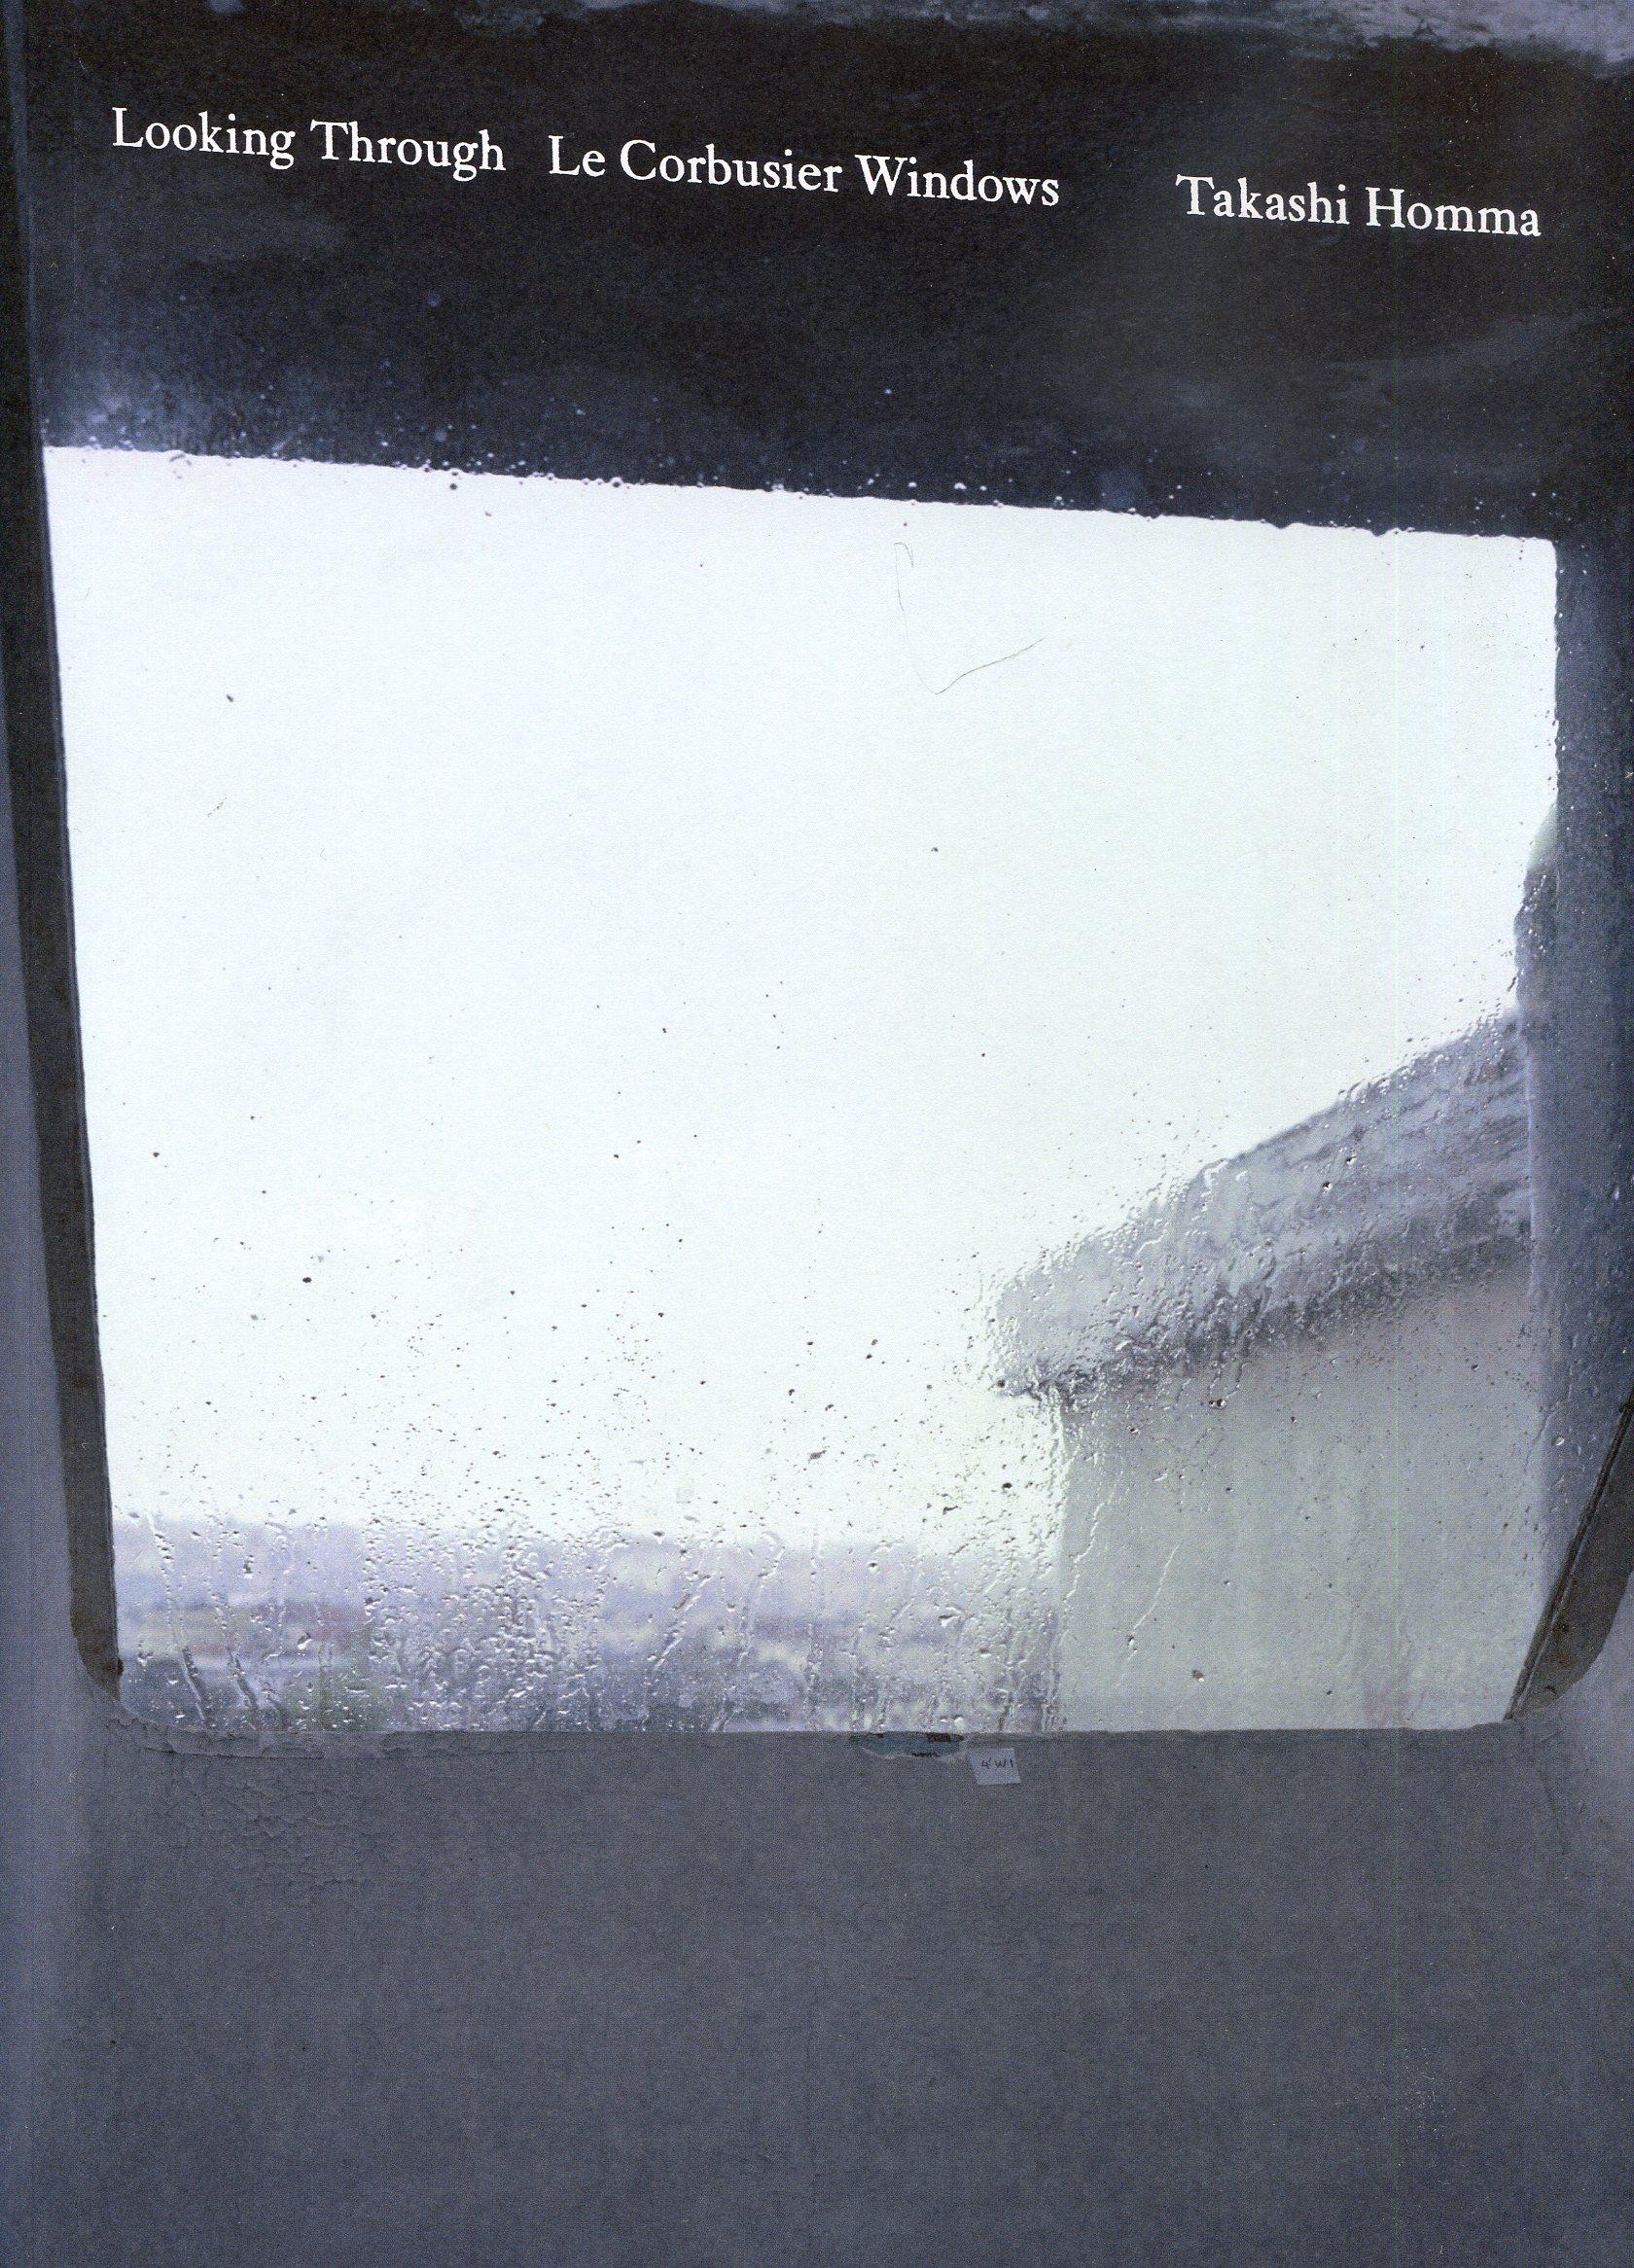 LOOKING THROUGH LE CORBUSIER WINDOWS